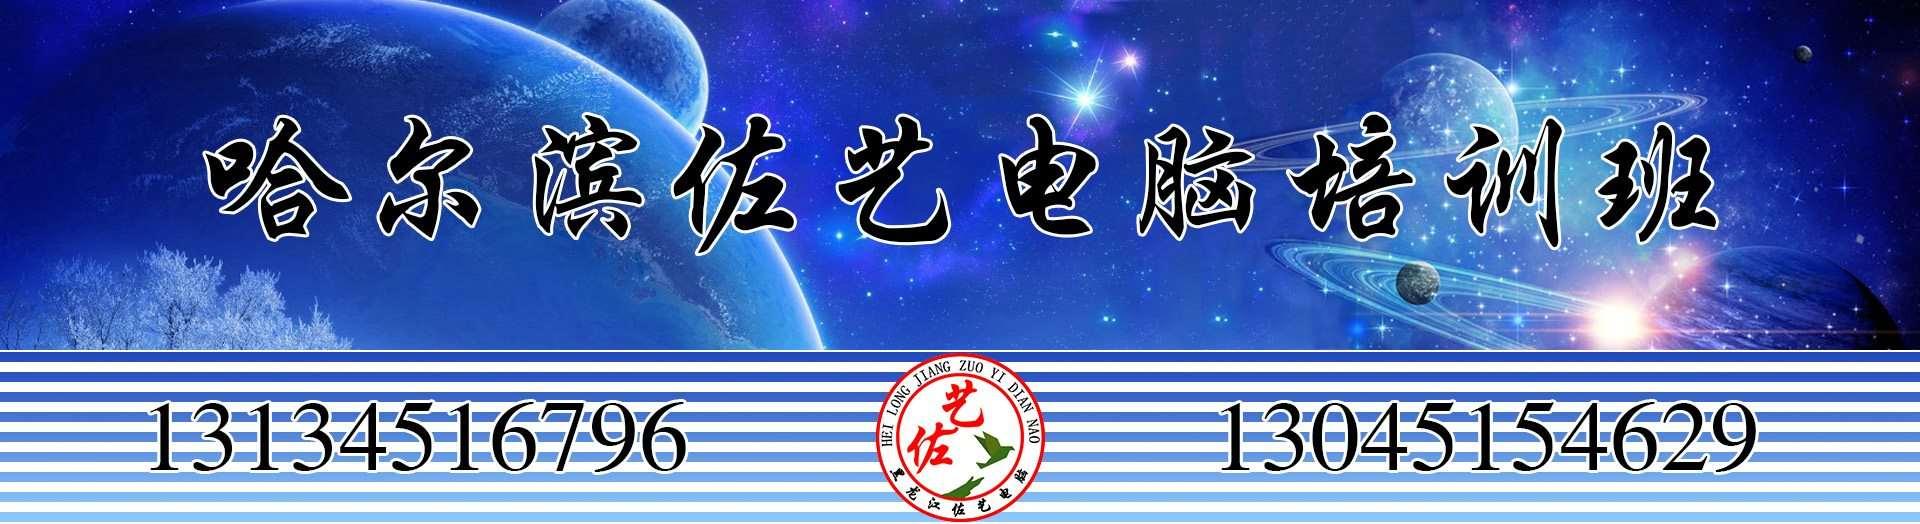 图片为哈尔滨佐艺电脑logo